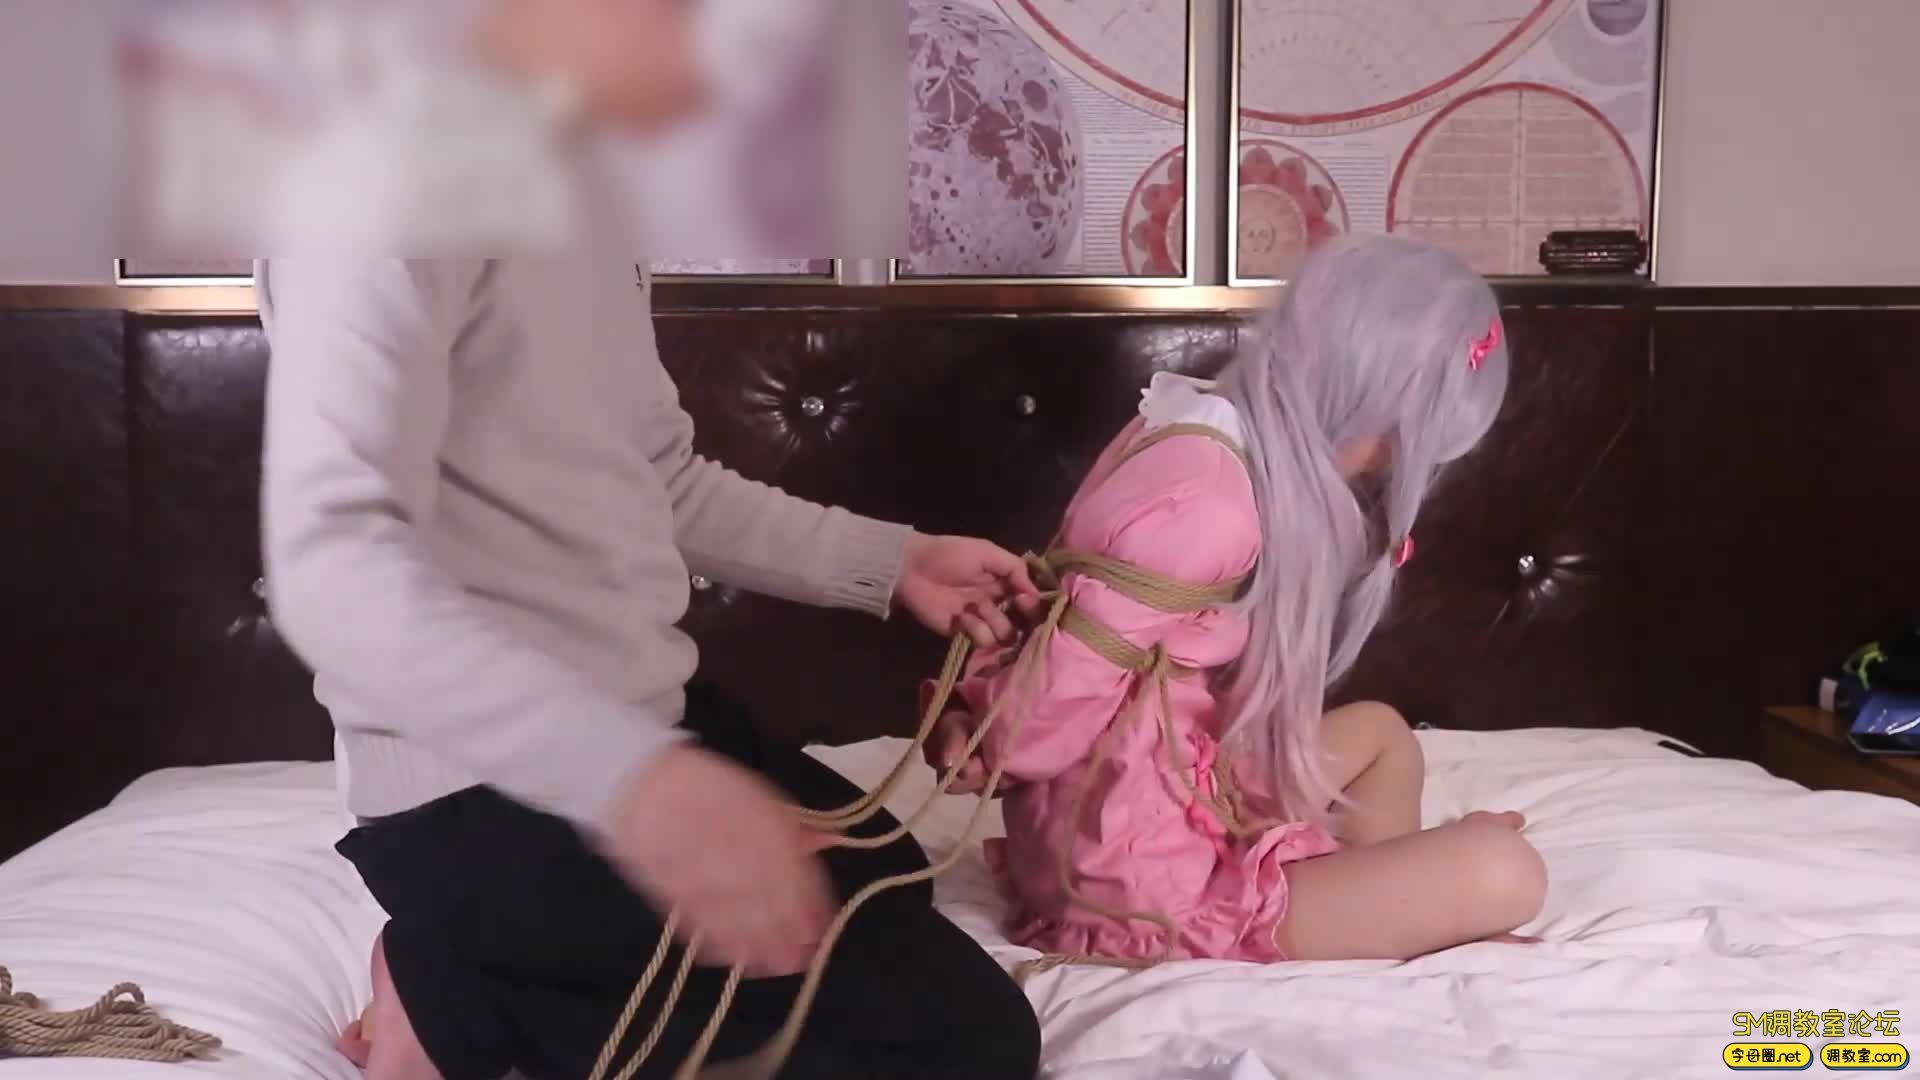 绳艺66号_萝莉妹子安酱的和泉纱雾COS吊缚滴蜡虐足-视频截图1